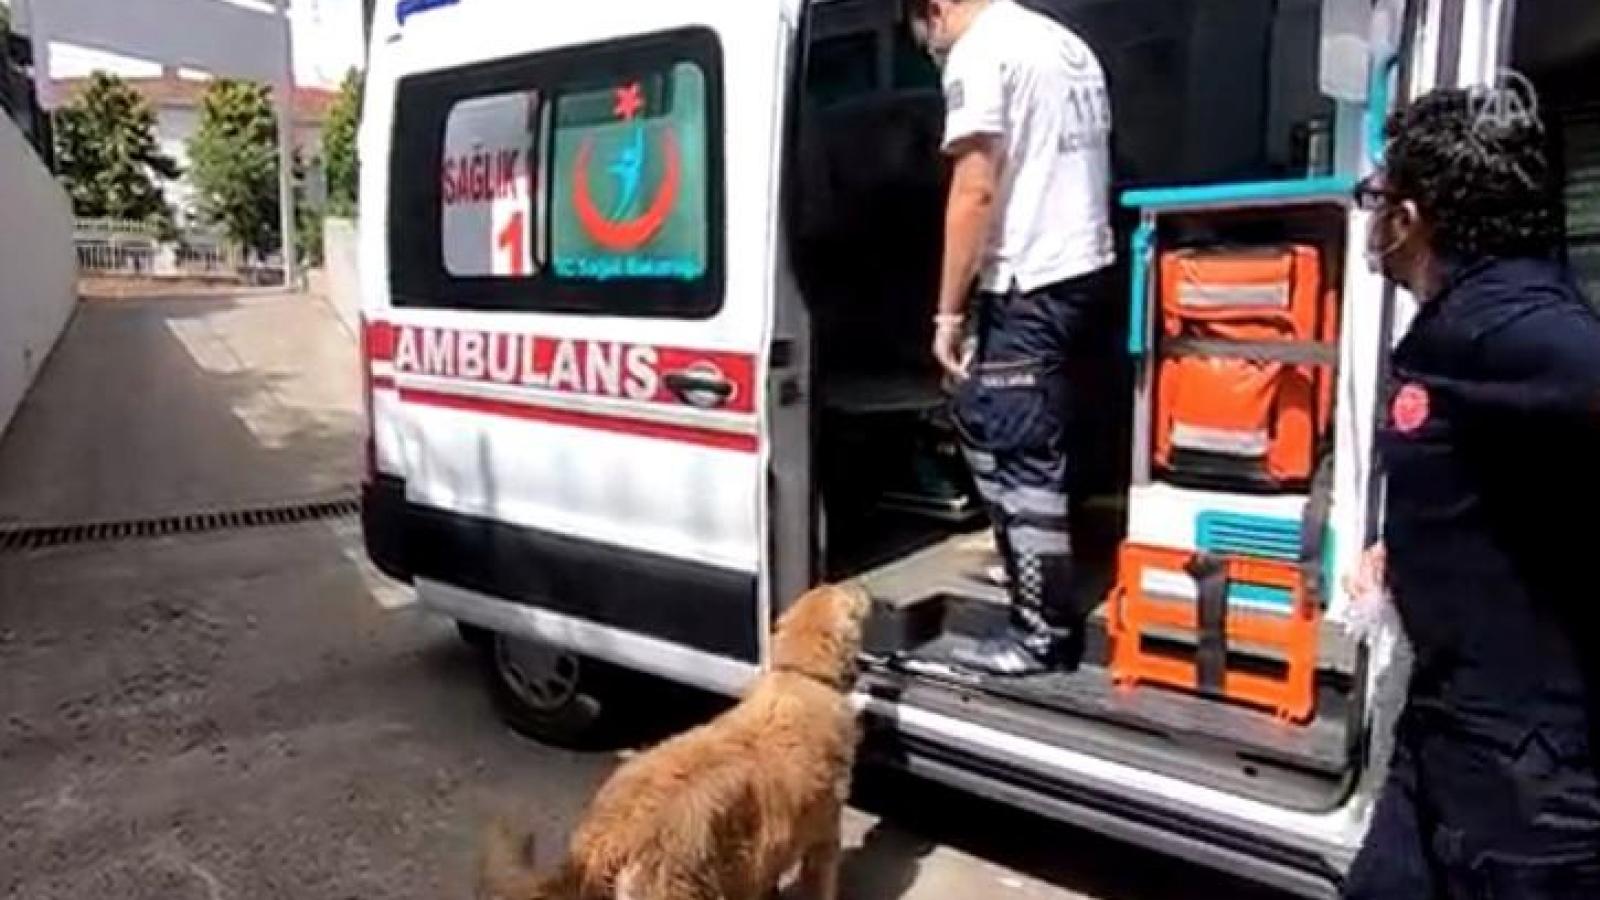 Xúc động cảnh chú chó trung thành đuổi theo xe cấp cứu đưa chủ nhân tới bệnh viện